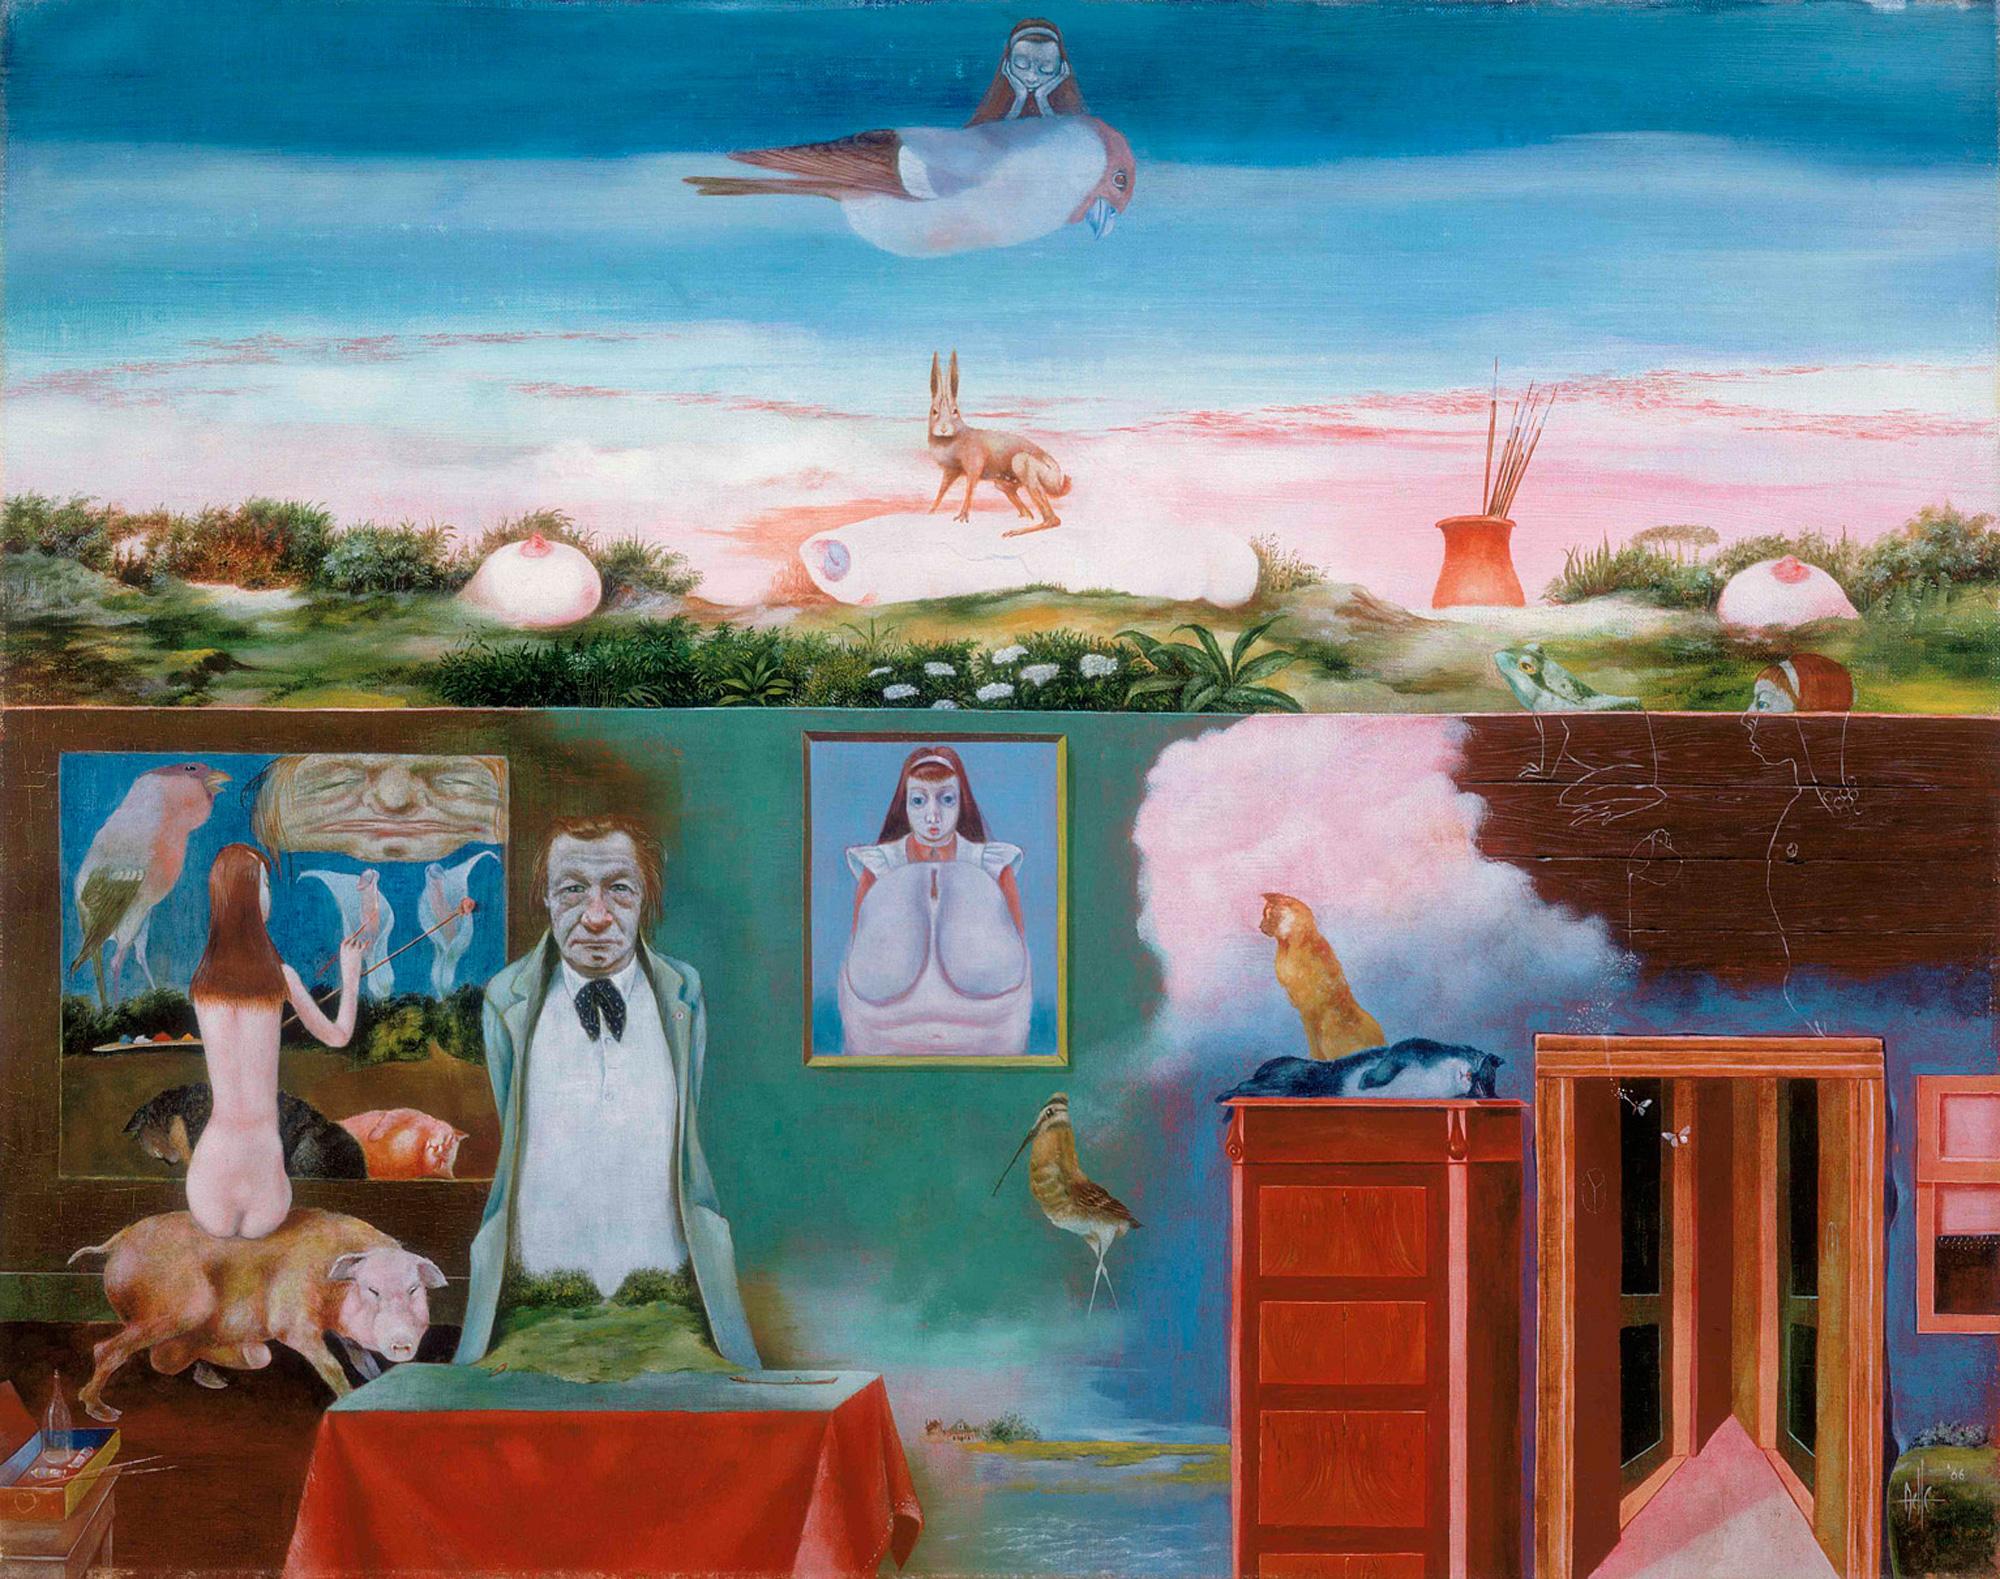 Melle schilder | Alice in wonderland, olieverf op linnen